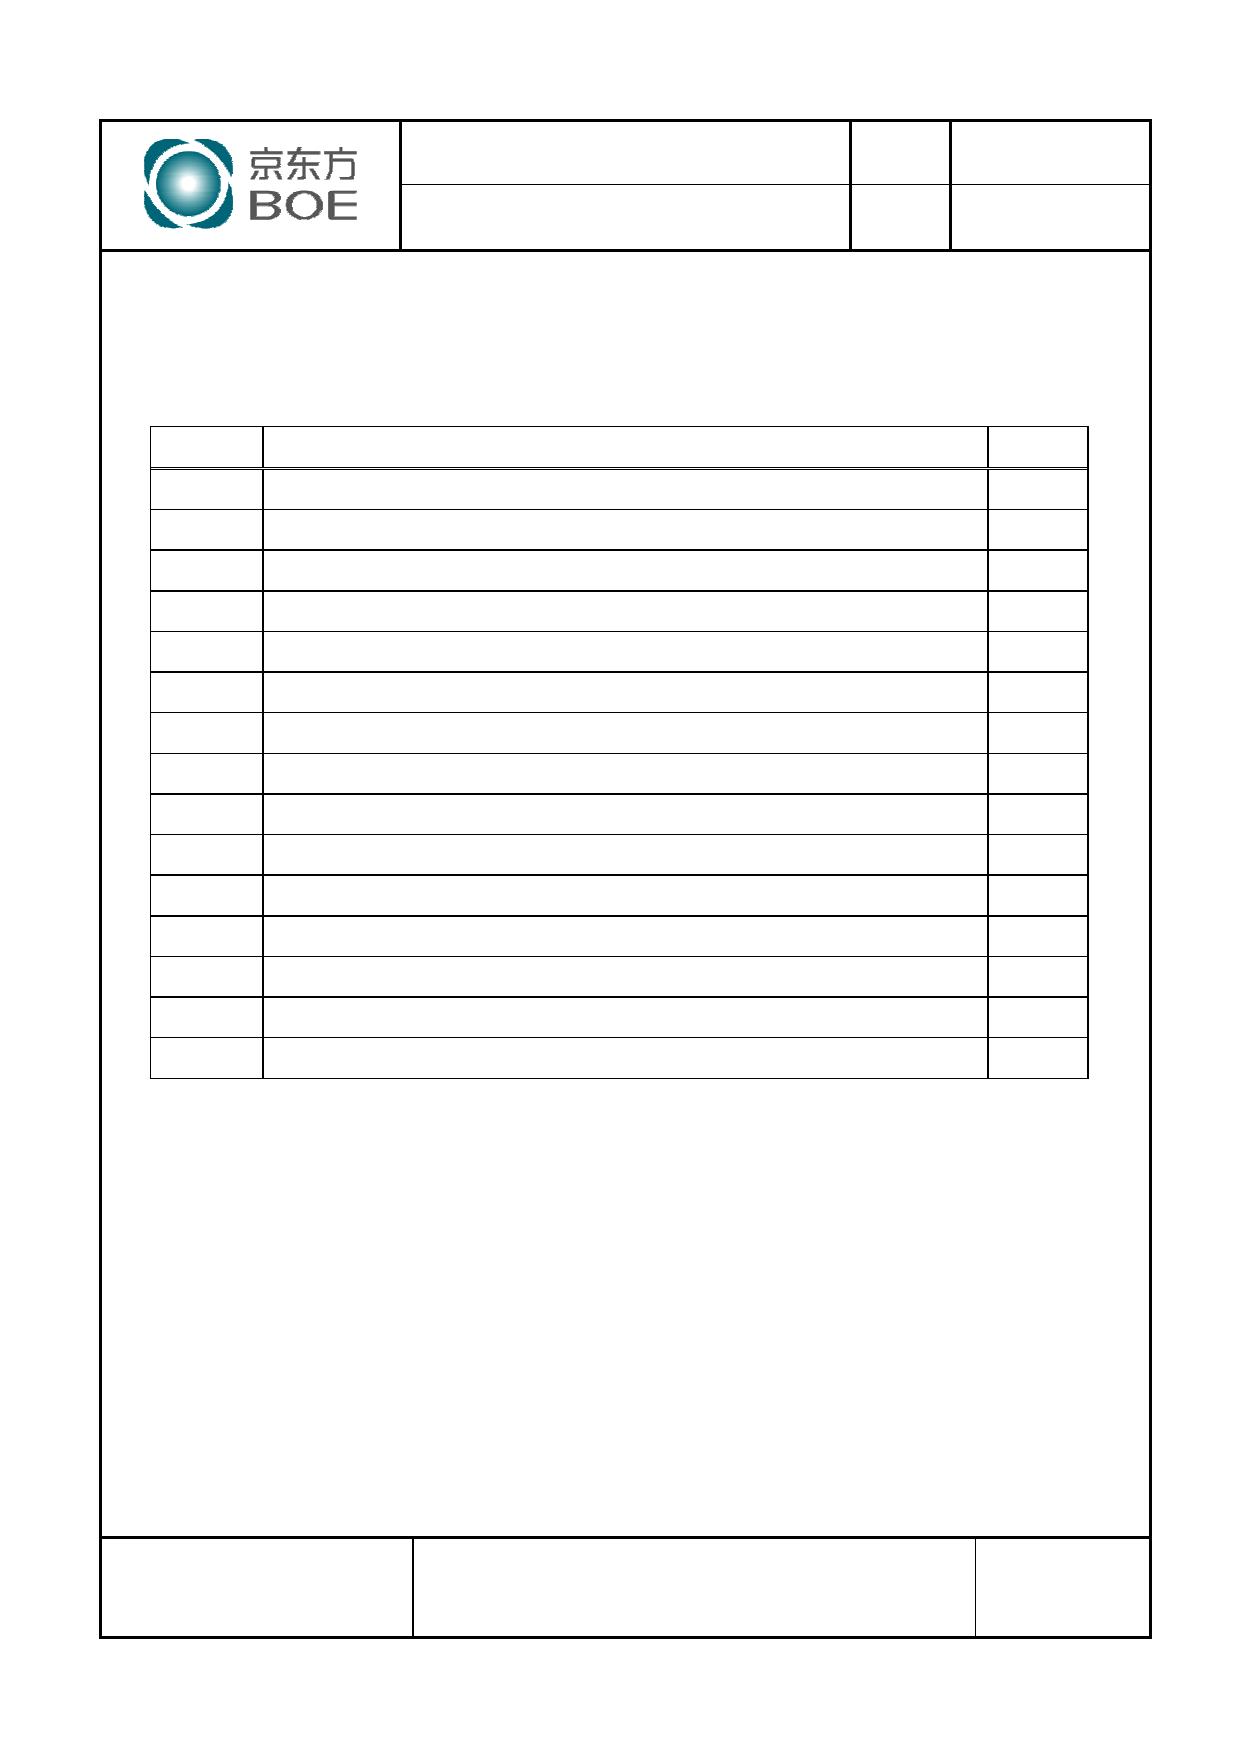 HV104X01-100 pdf, ピン配列